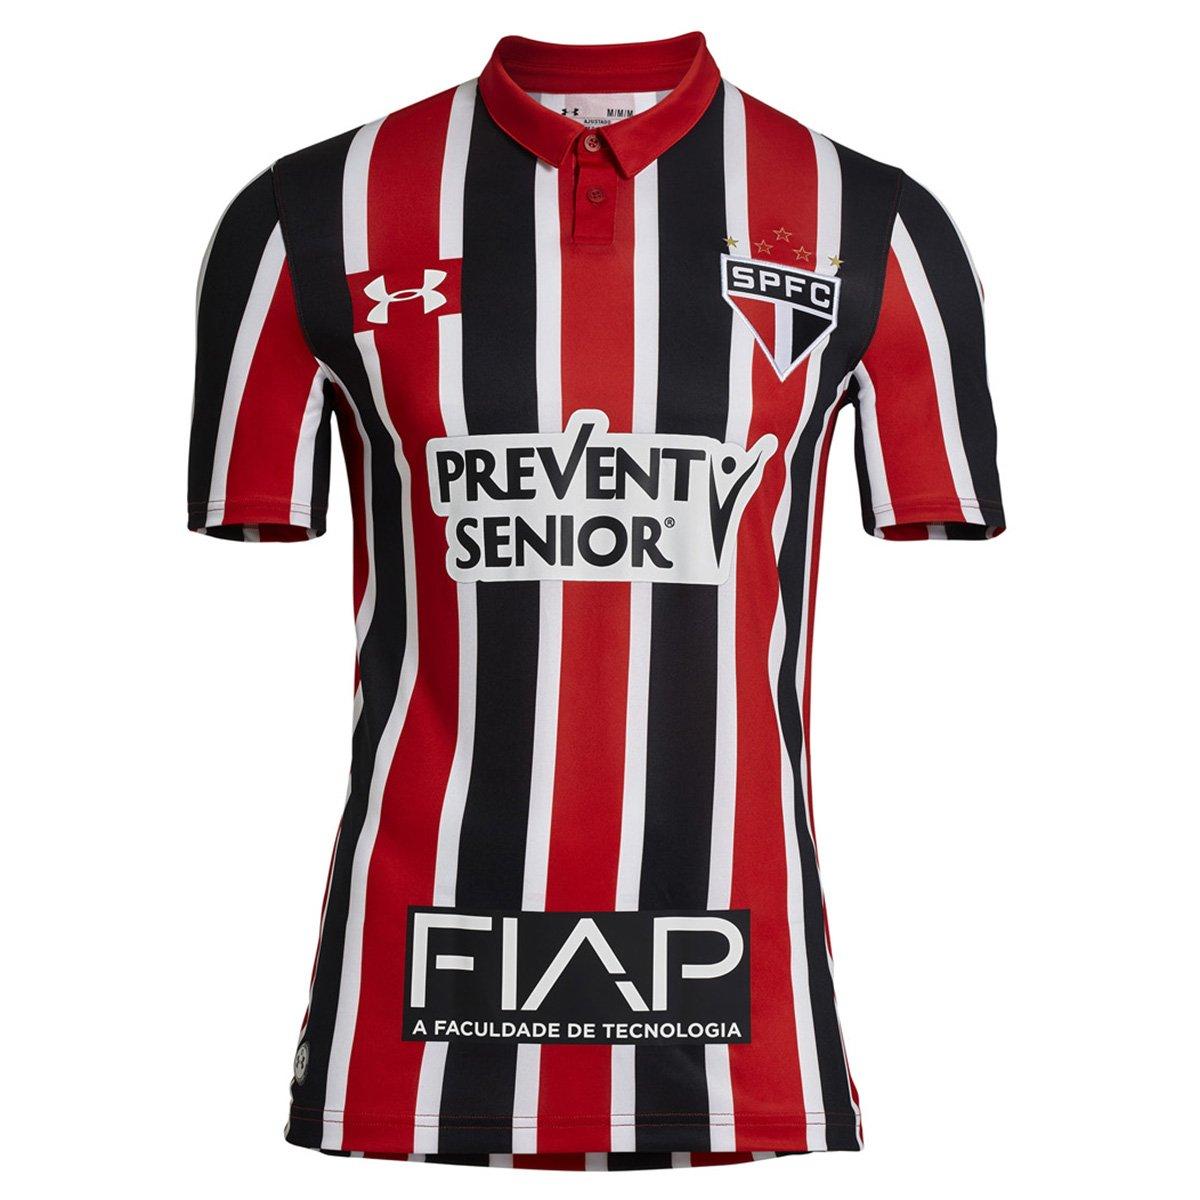 Camisa Under Armour São Paulo II 16 17 s nº - c  Patrocínio - Compre Agora   ffe3ada2a3553